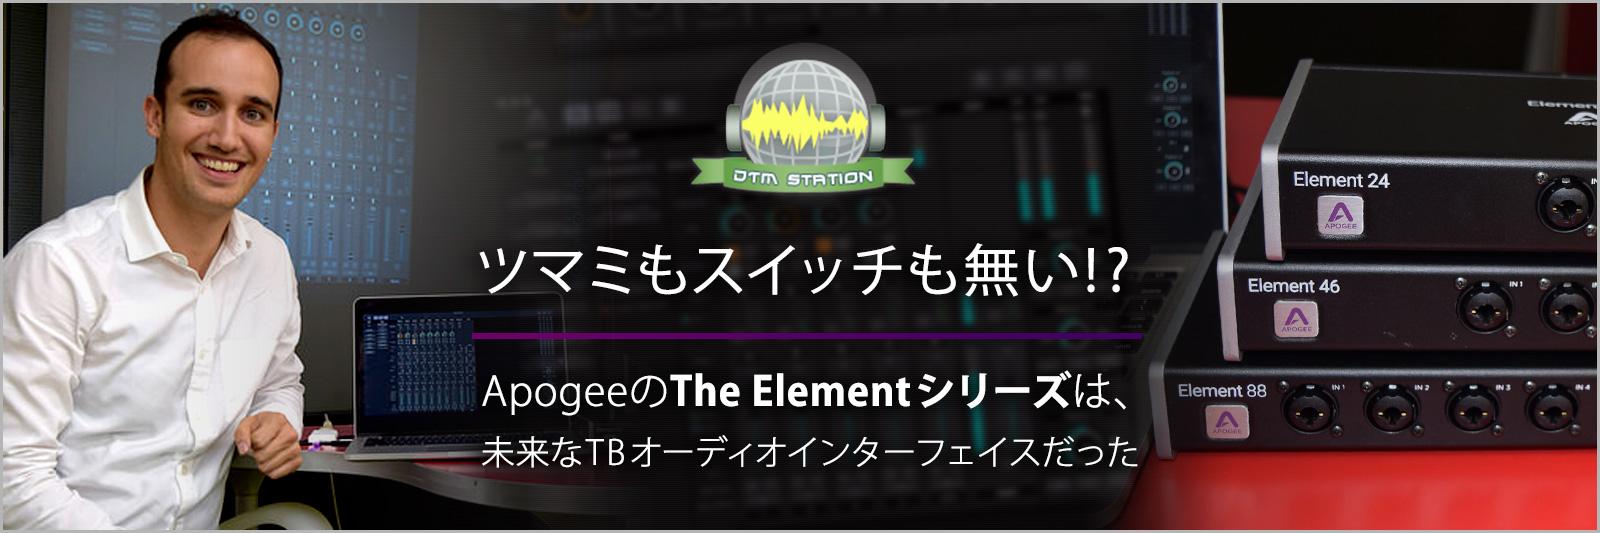 20170127_dtm_element_1600_200